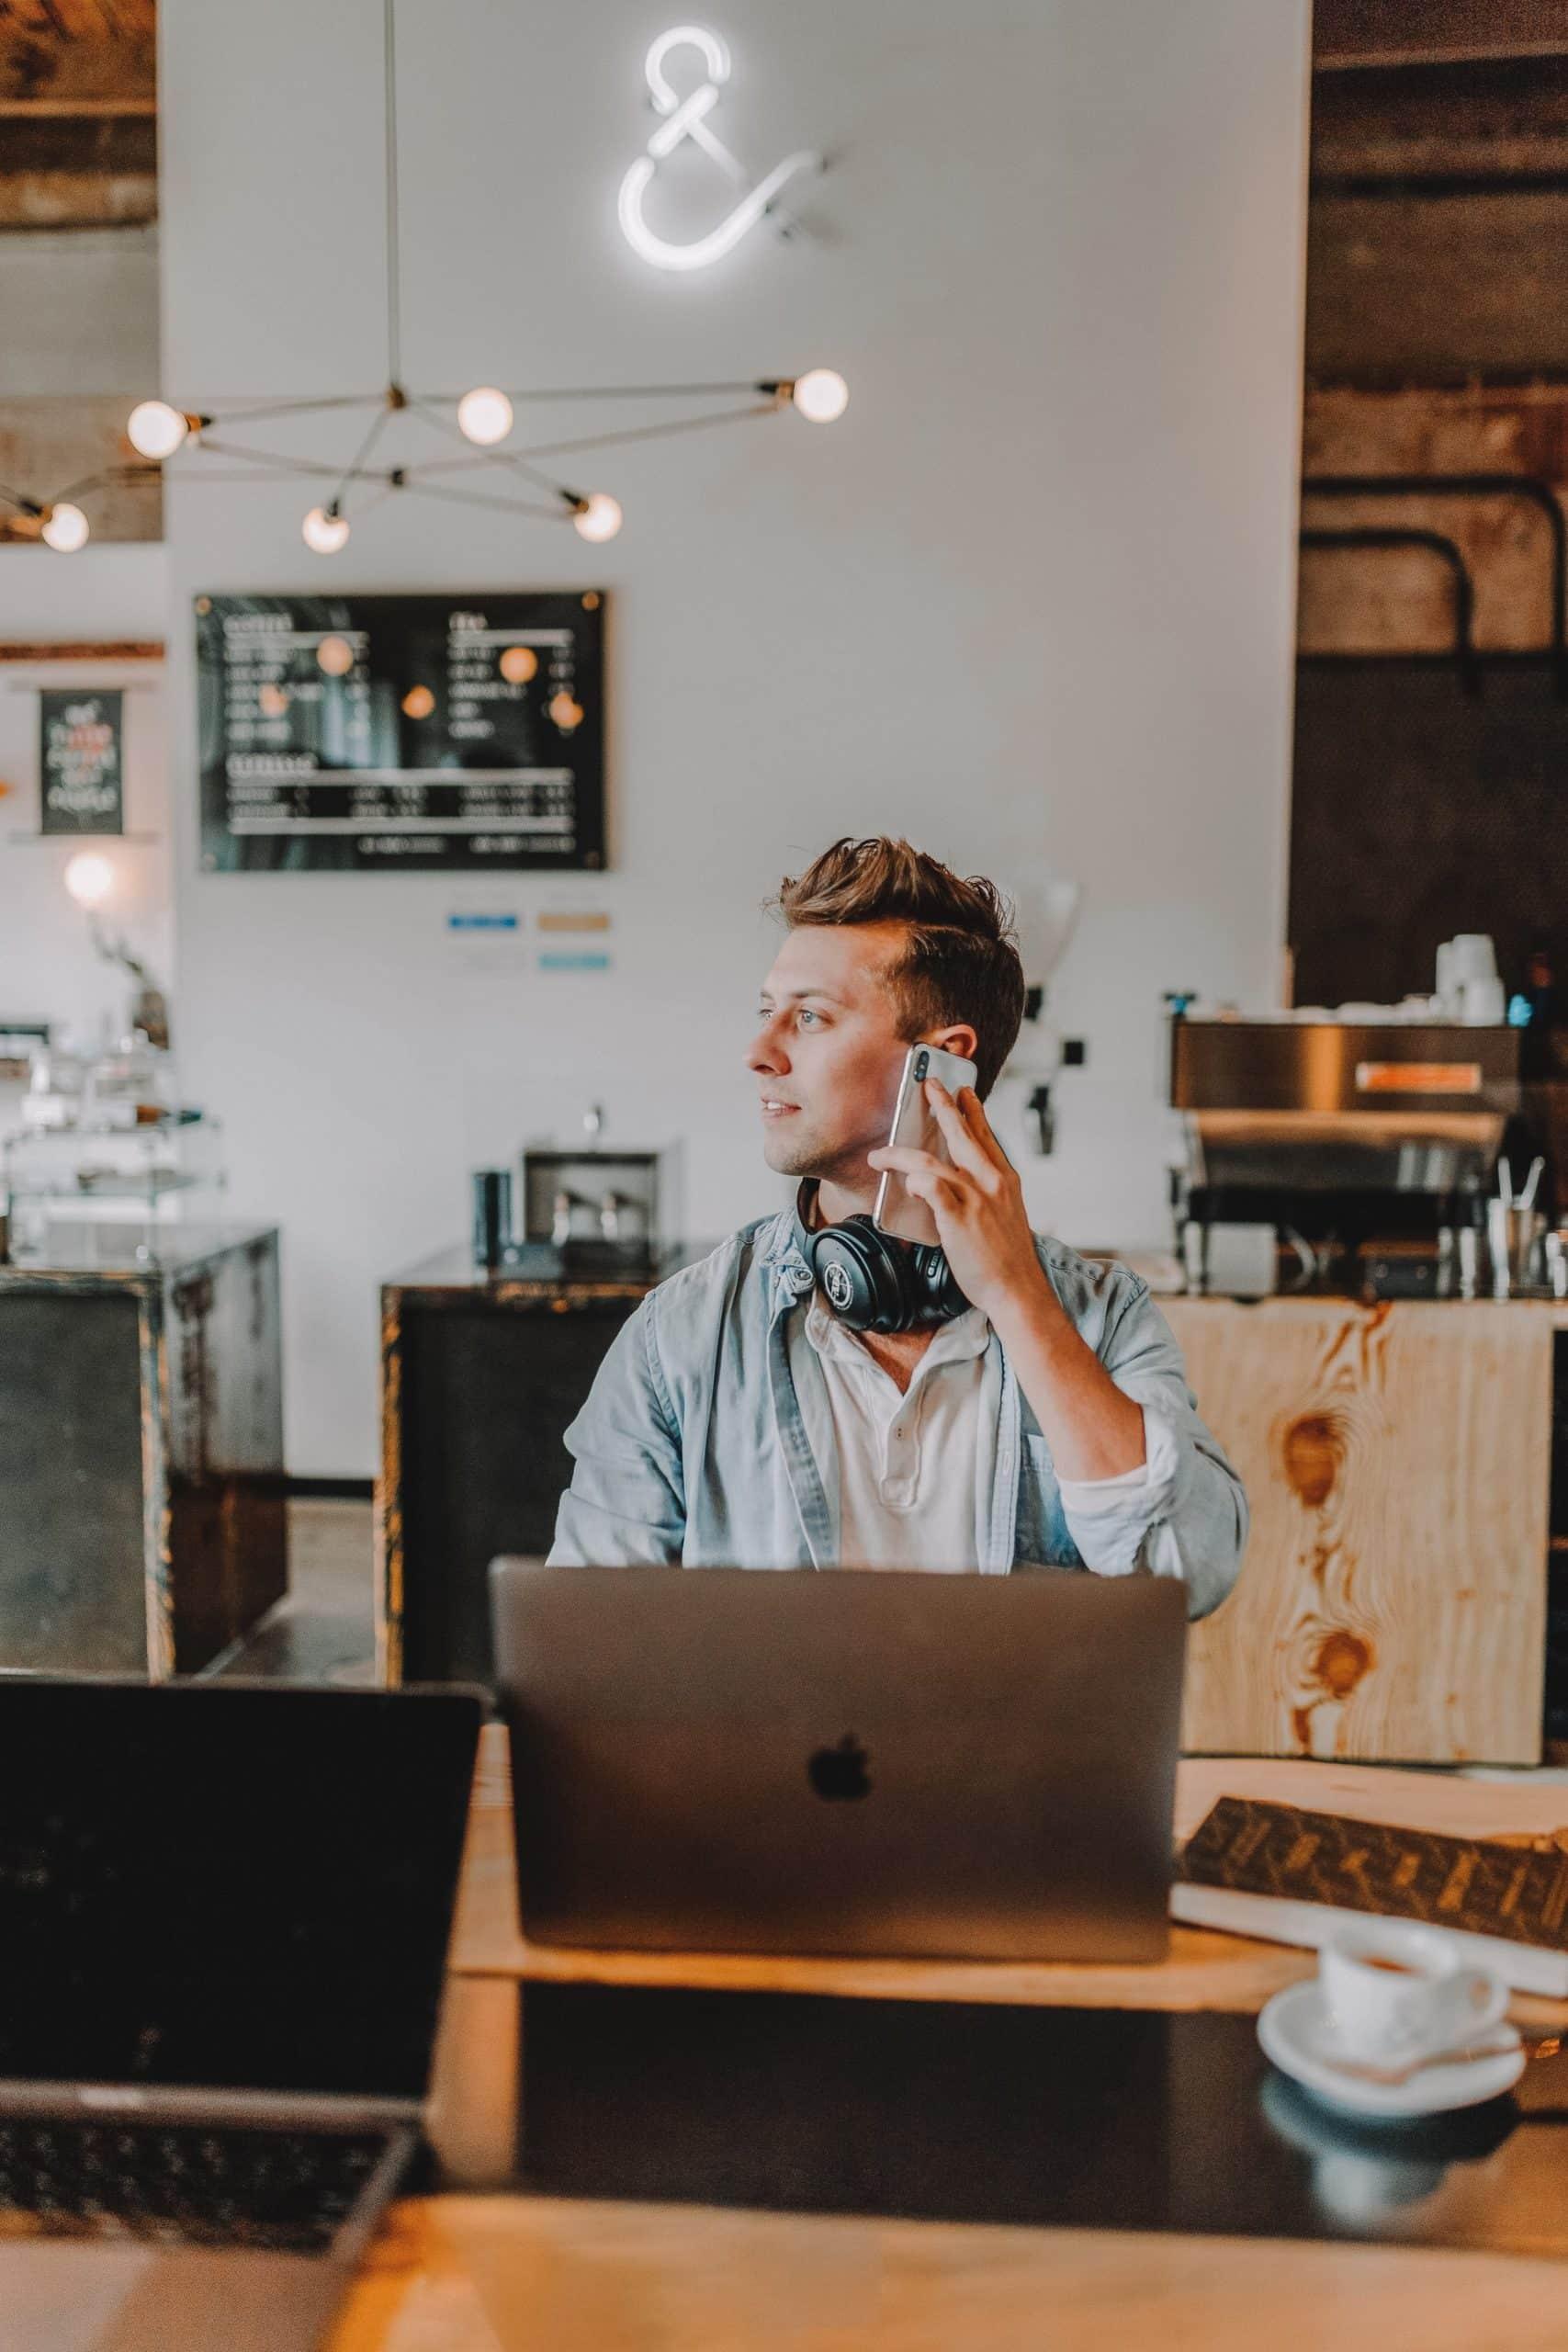 Online Courses Entrepreneurs Business Article Image